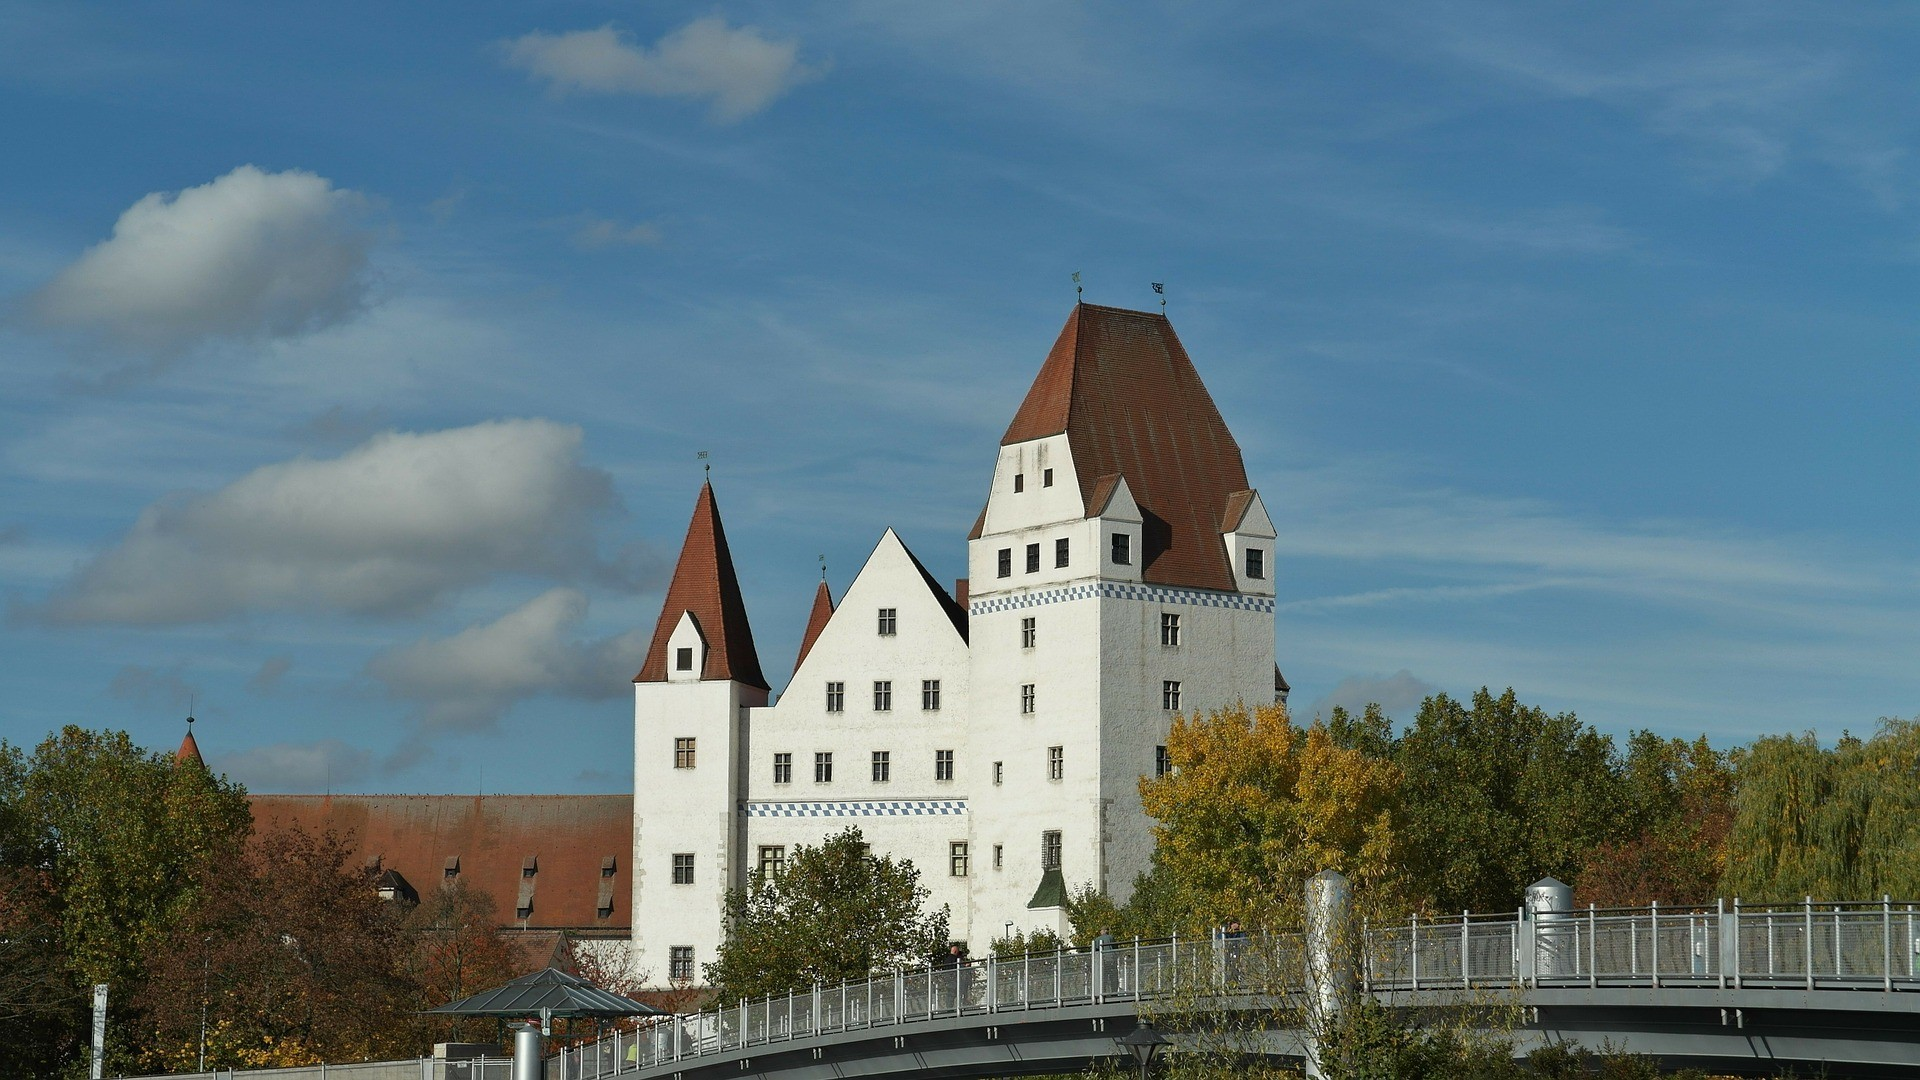 Experiencia Erasmus en Ingolstadt, Alemania por Kalega